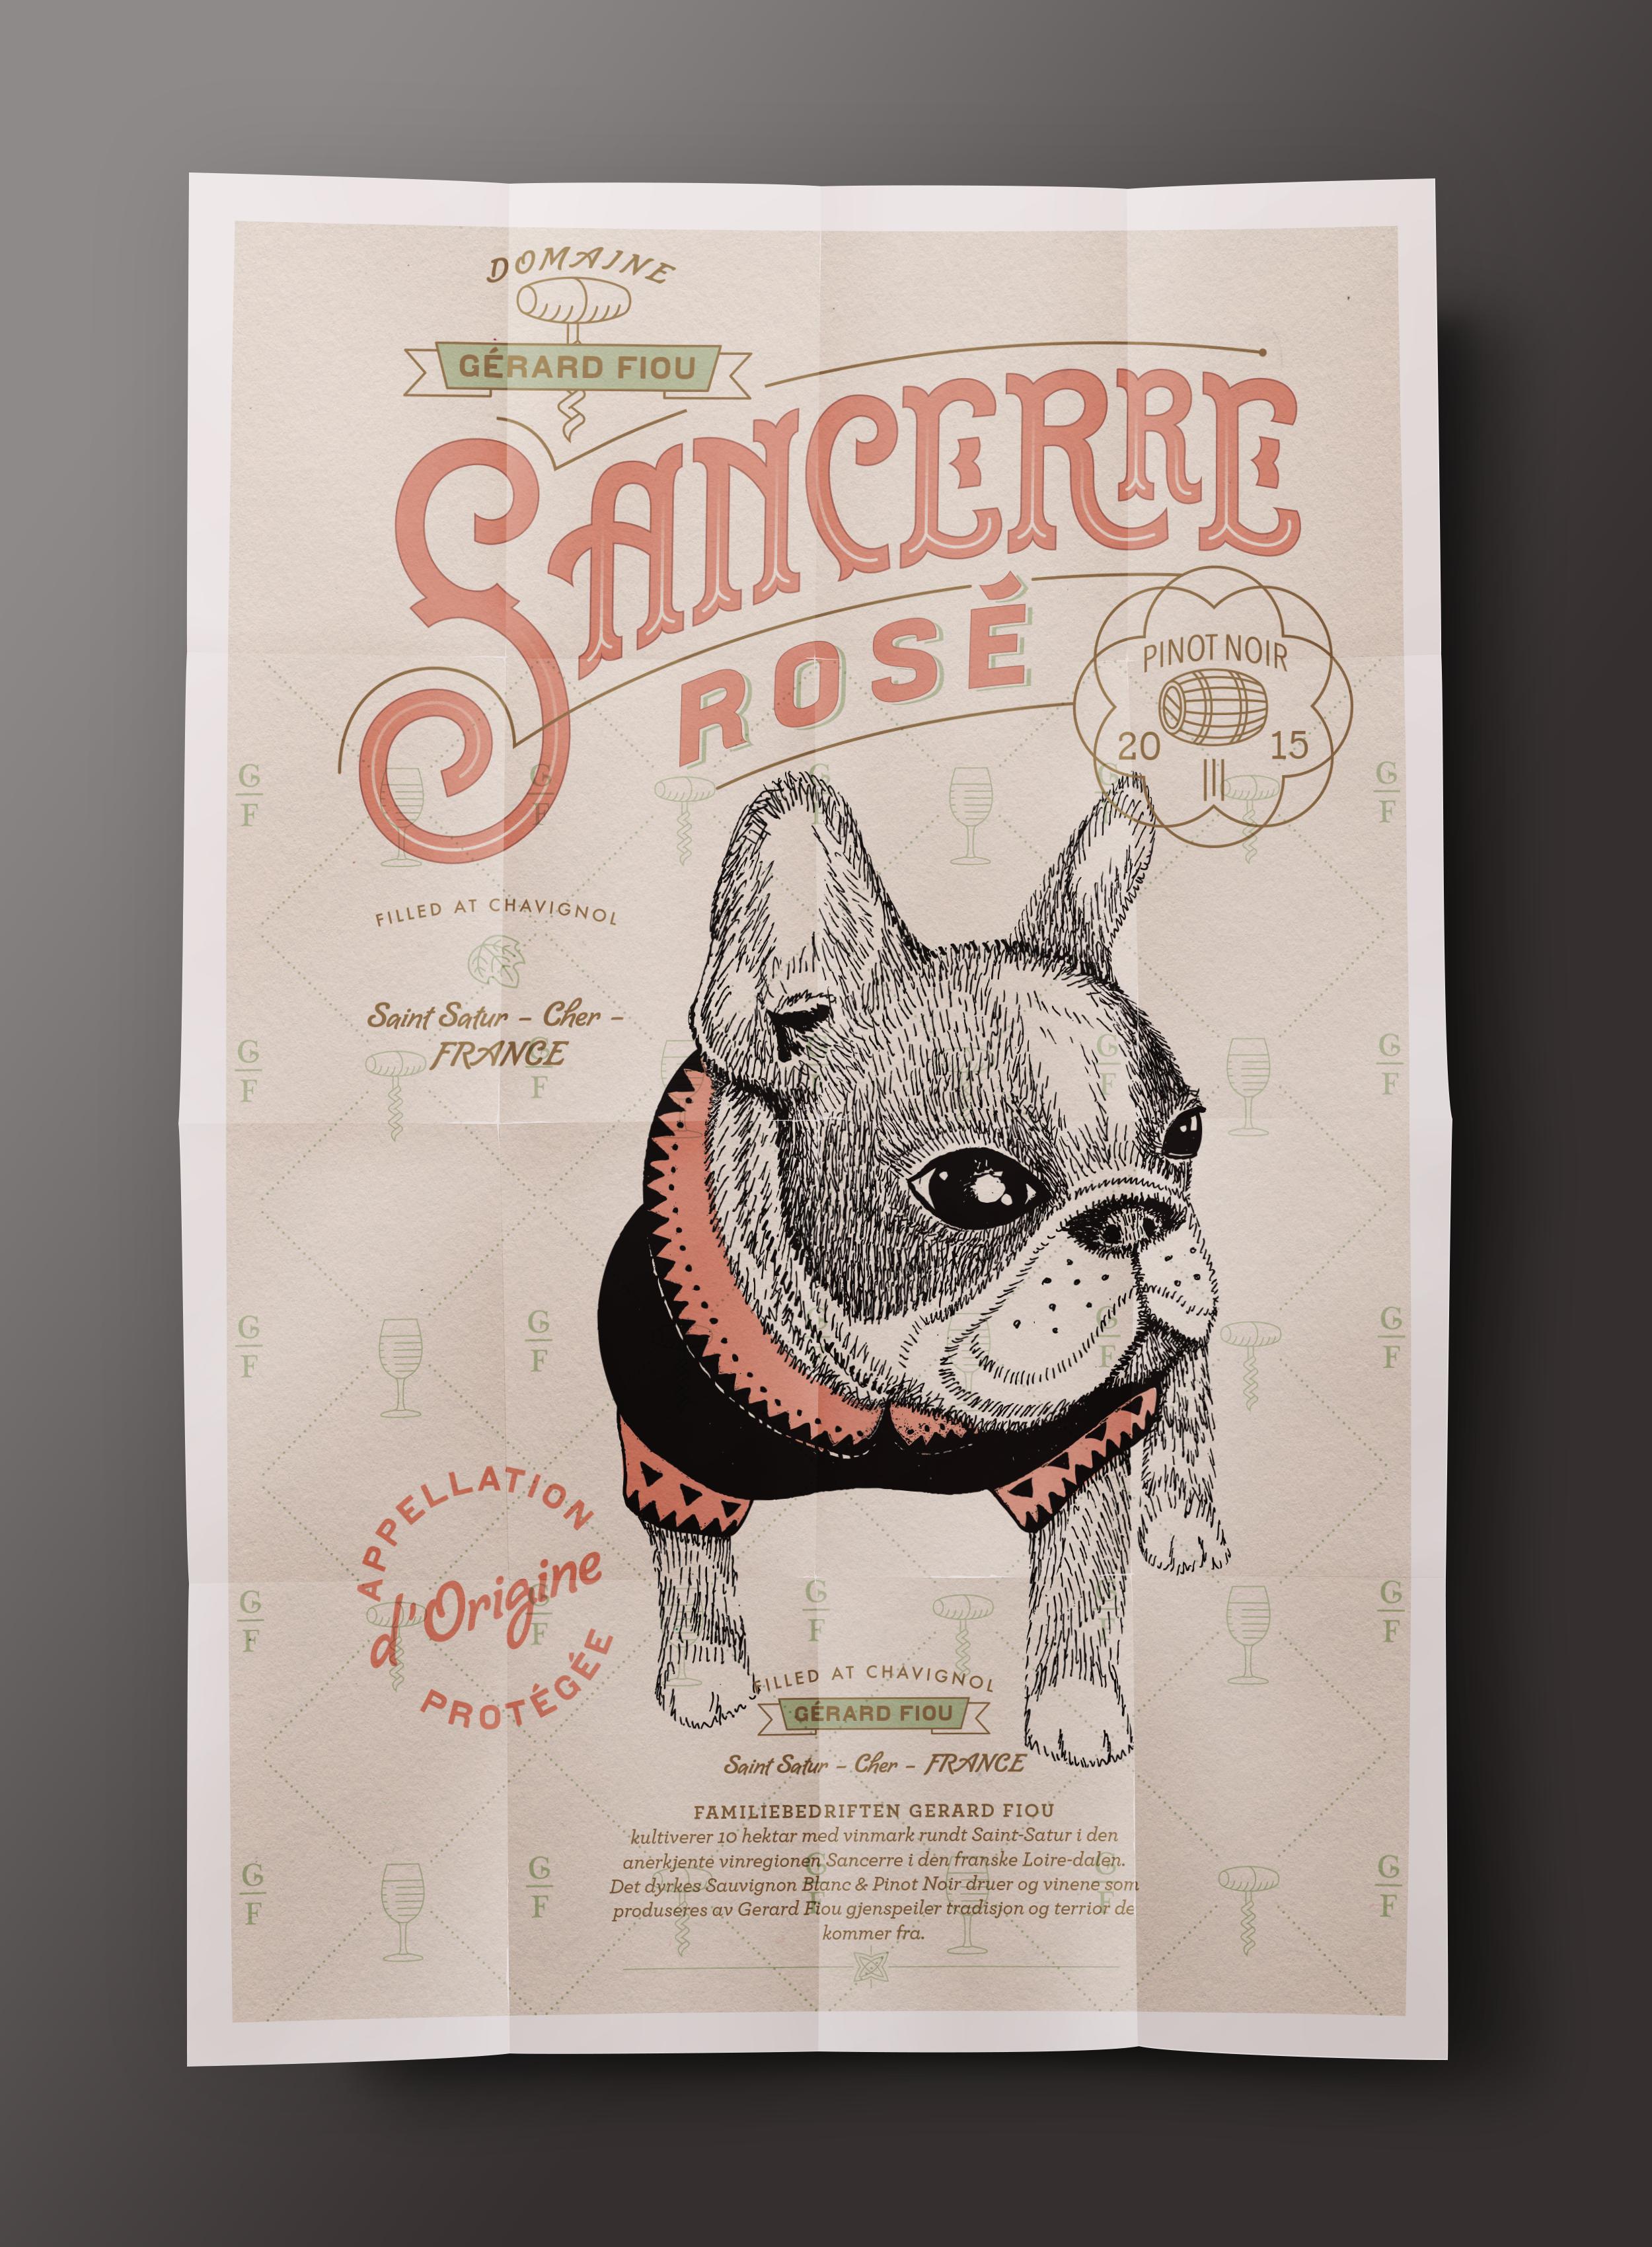 Sancerre_Rose_illustration_Poster.png